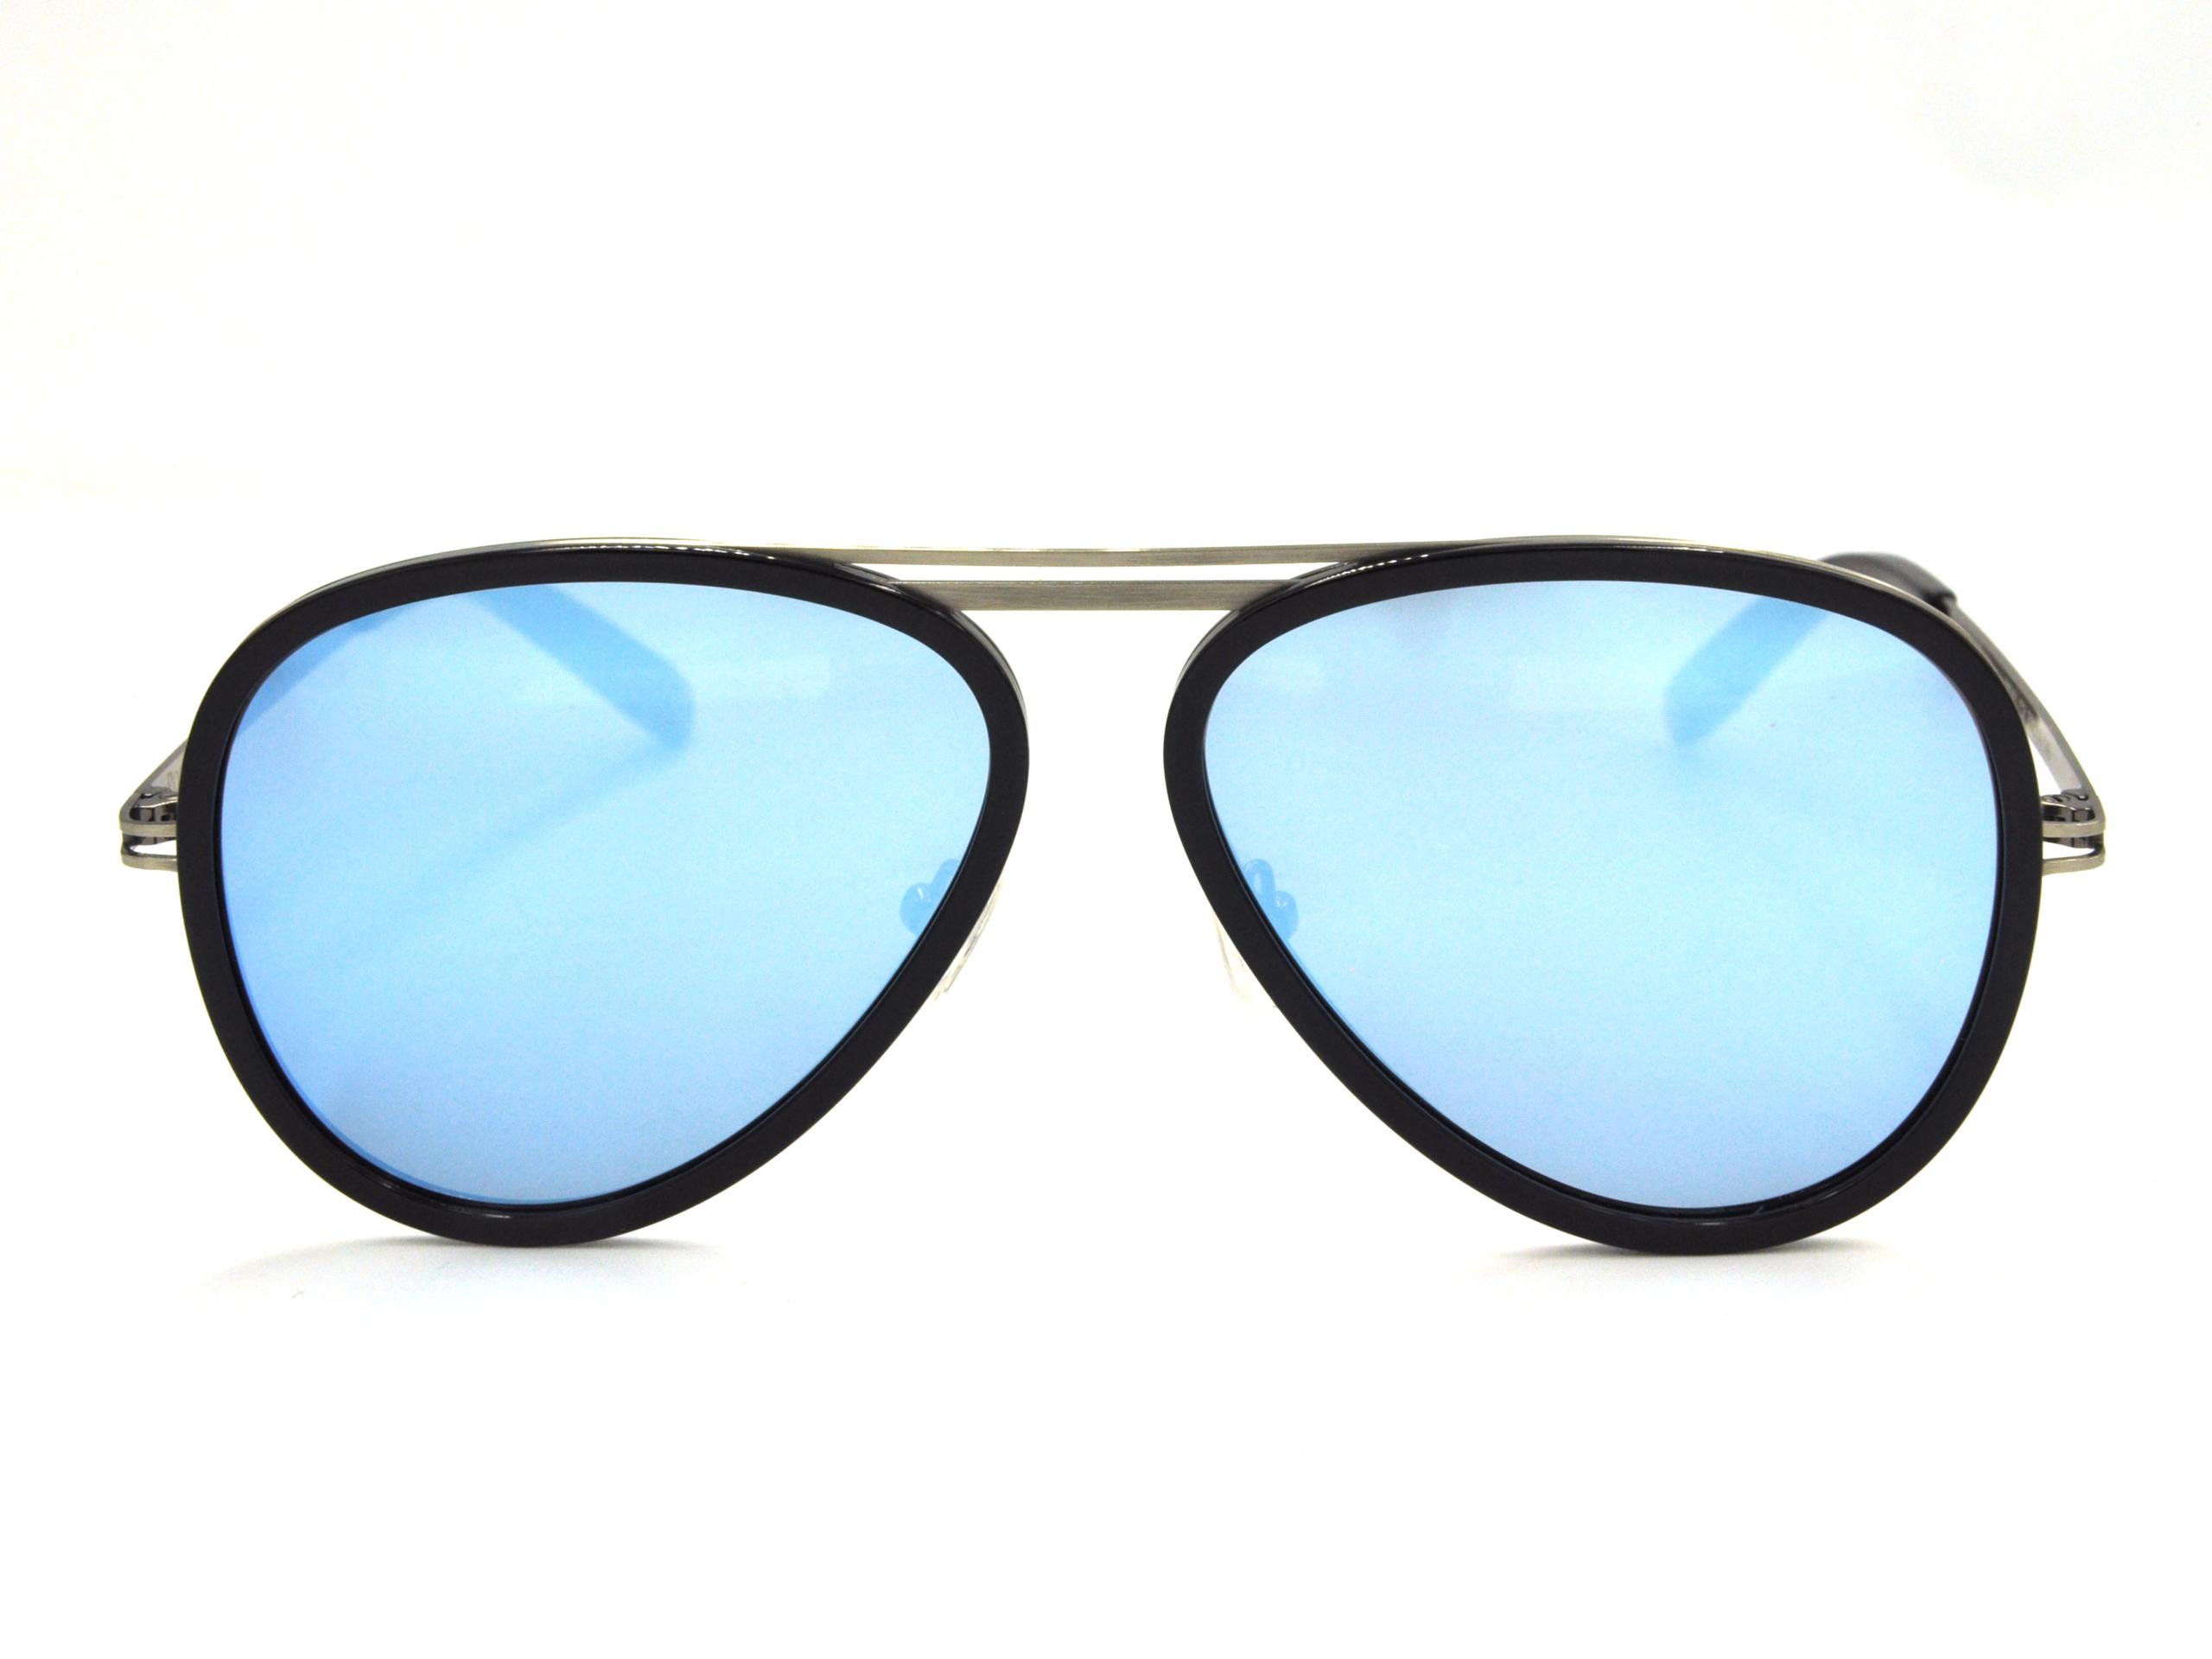 Γυαλιά ηλίου PORTER & REYNARD NICKY C3 Πειραιάς